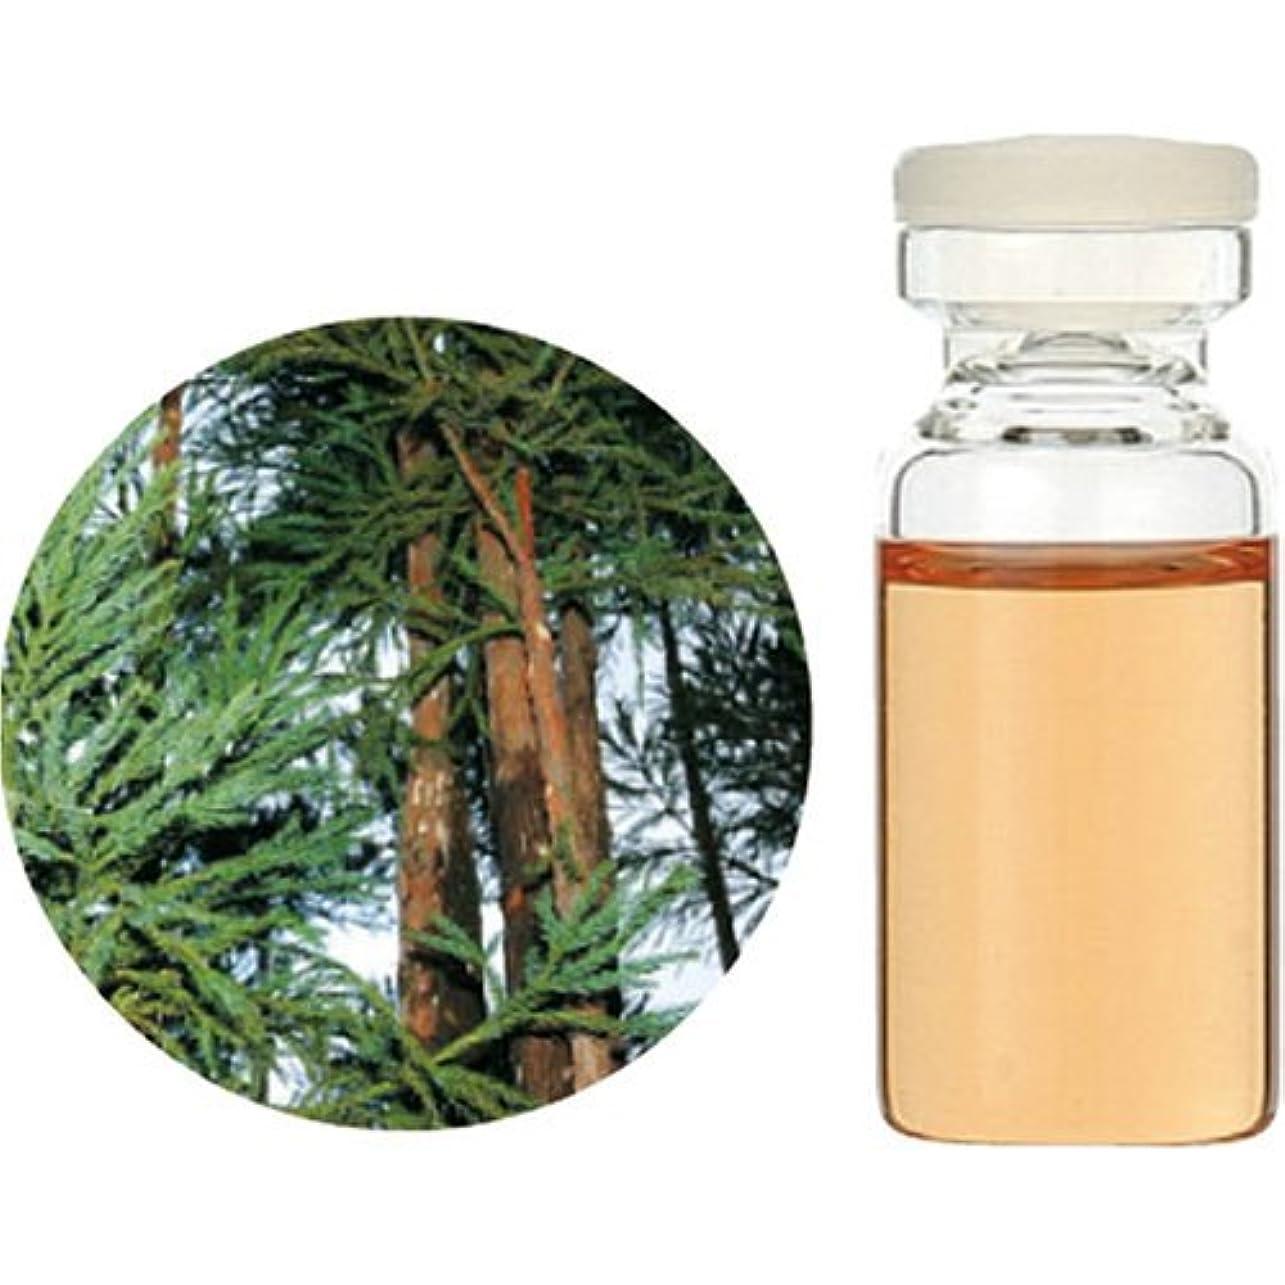 全国スイッチホバート生活の木 C 和精油 杉 (木部) エッセンシャルオイル 10ml